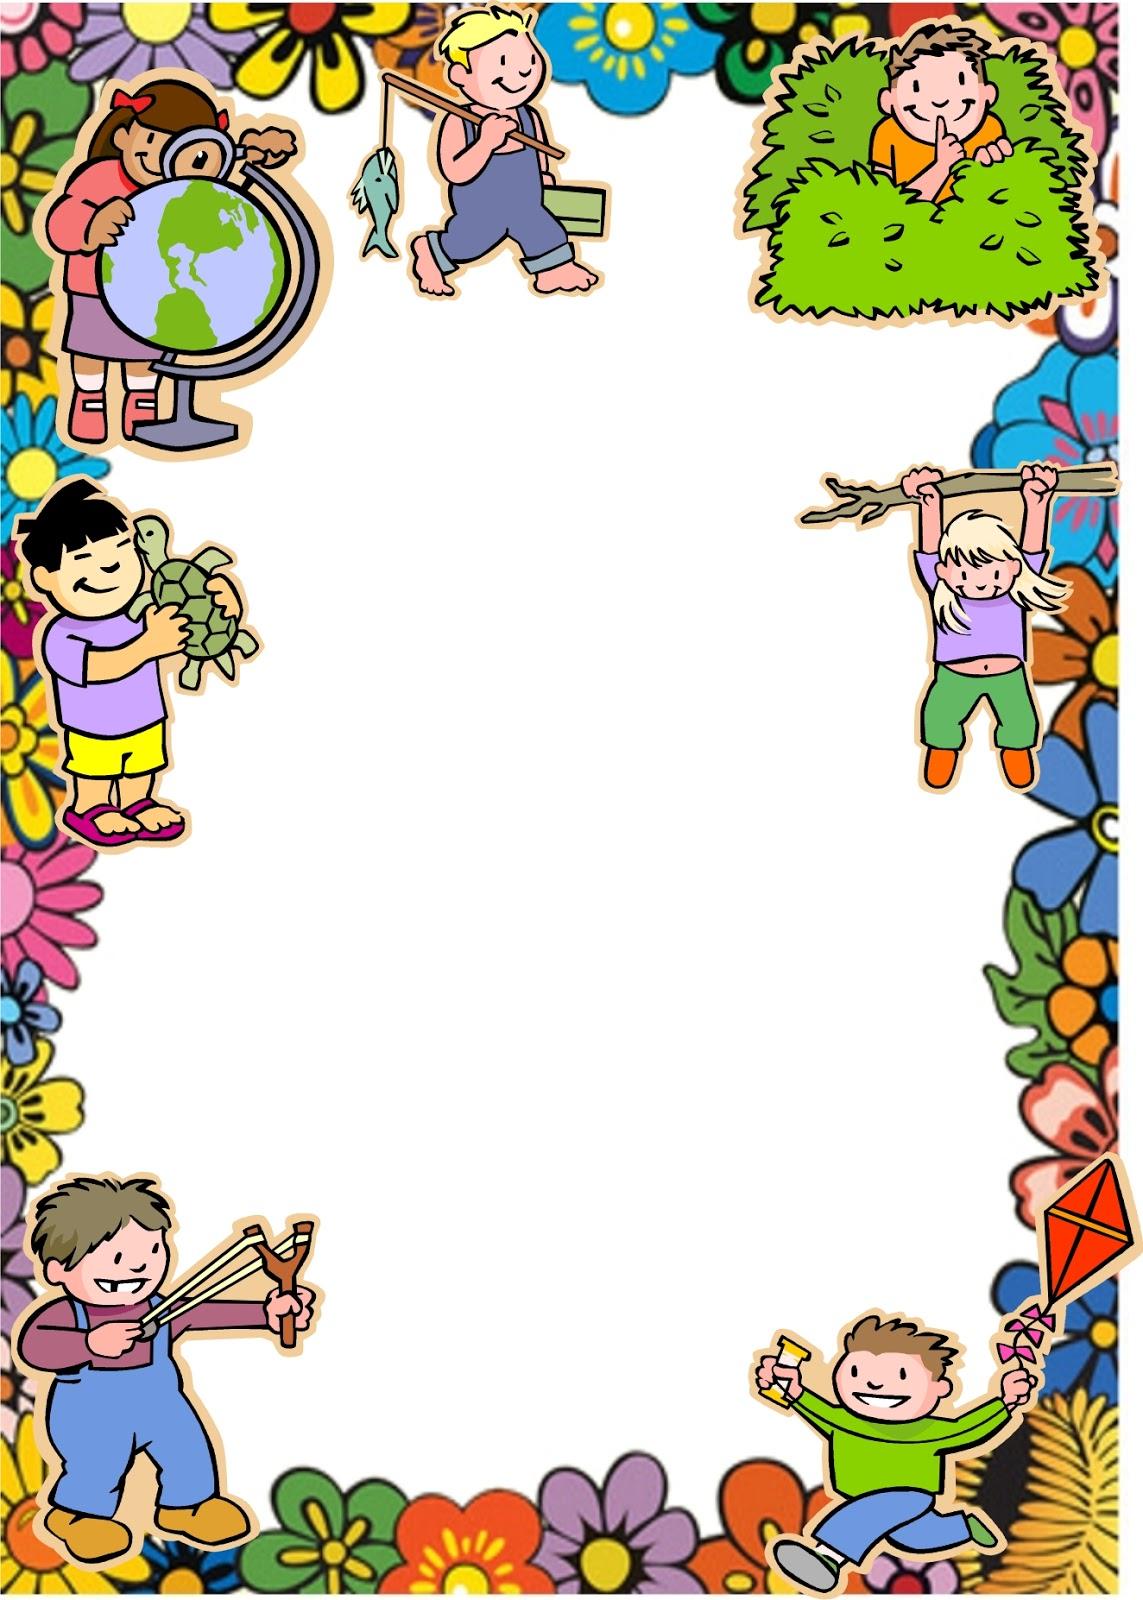 Caratulas Escolares Del Chavo Animado Lindas Infantiles